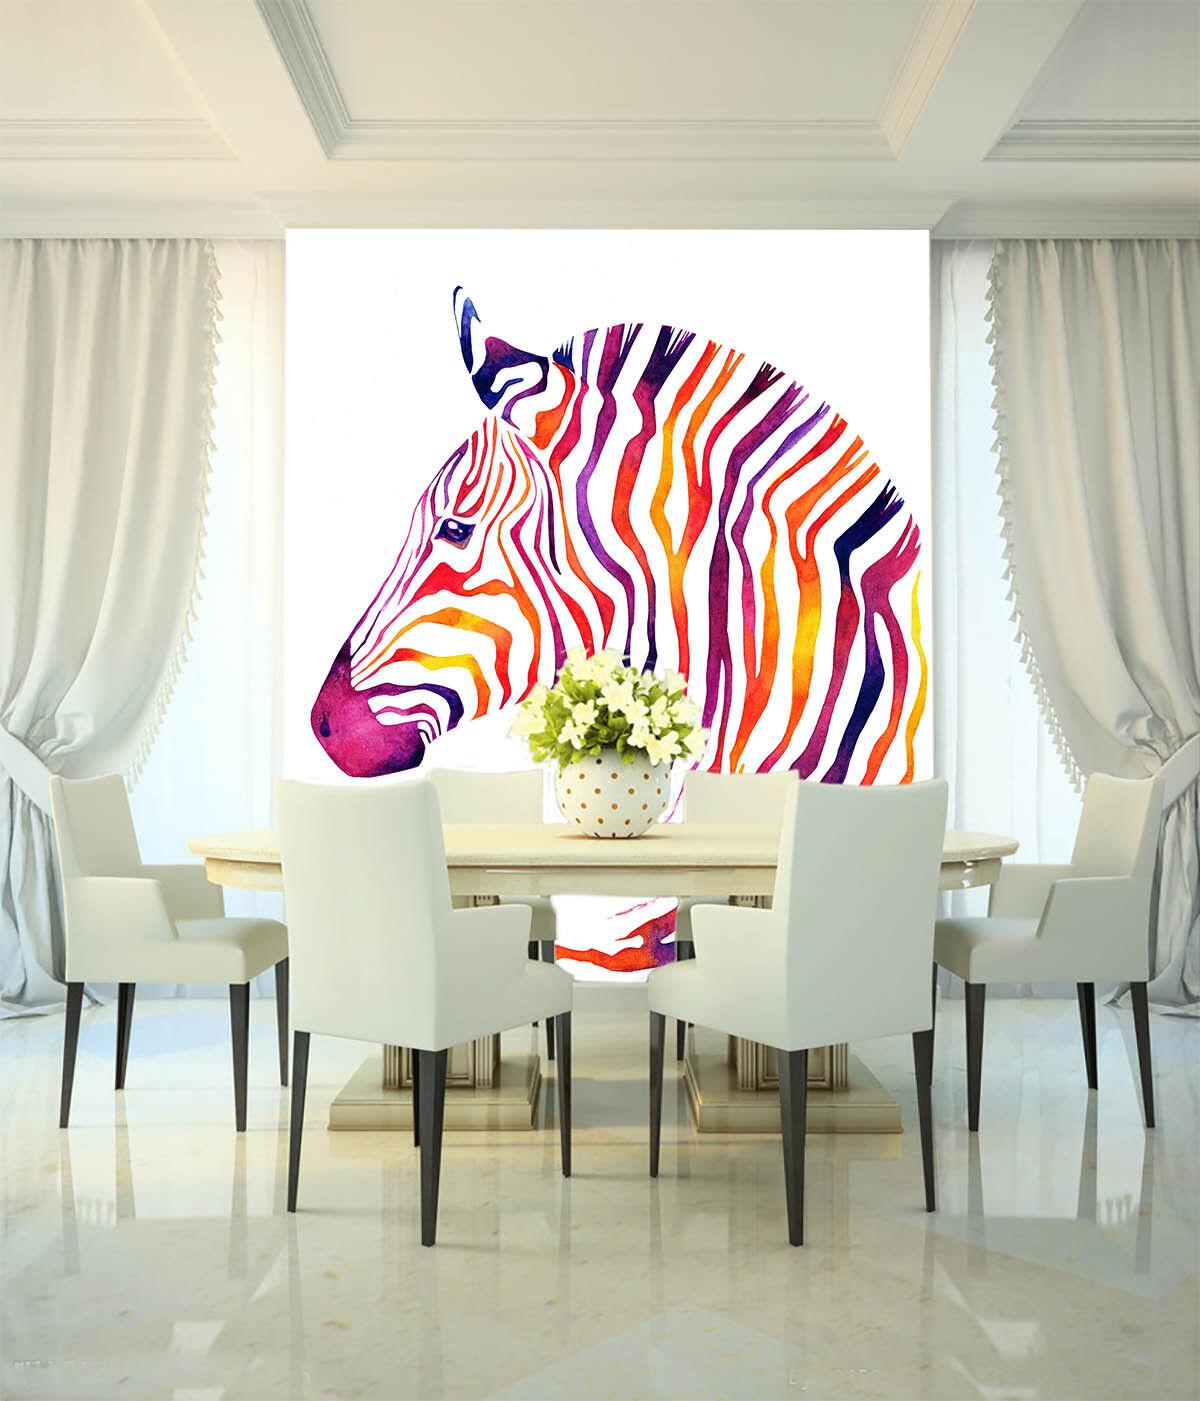 3D Farbe Zebra 84 Wallpaper Mural Paper Wall Print Wallpaper Murals UK Lemon